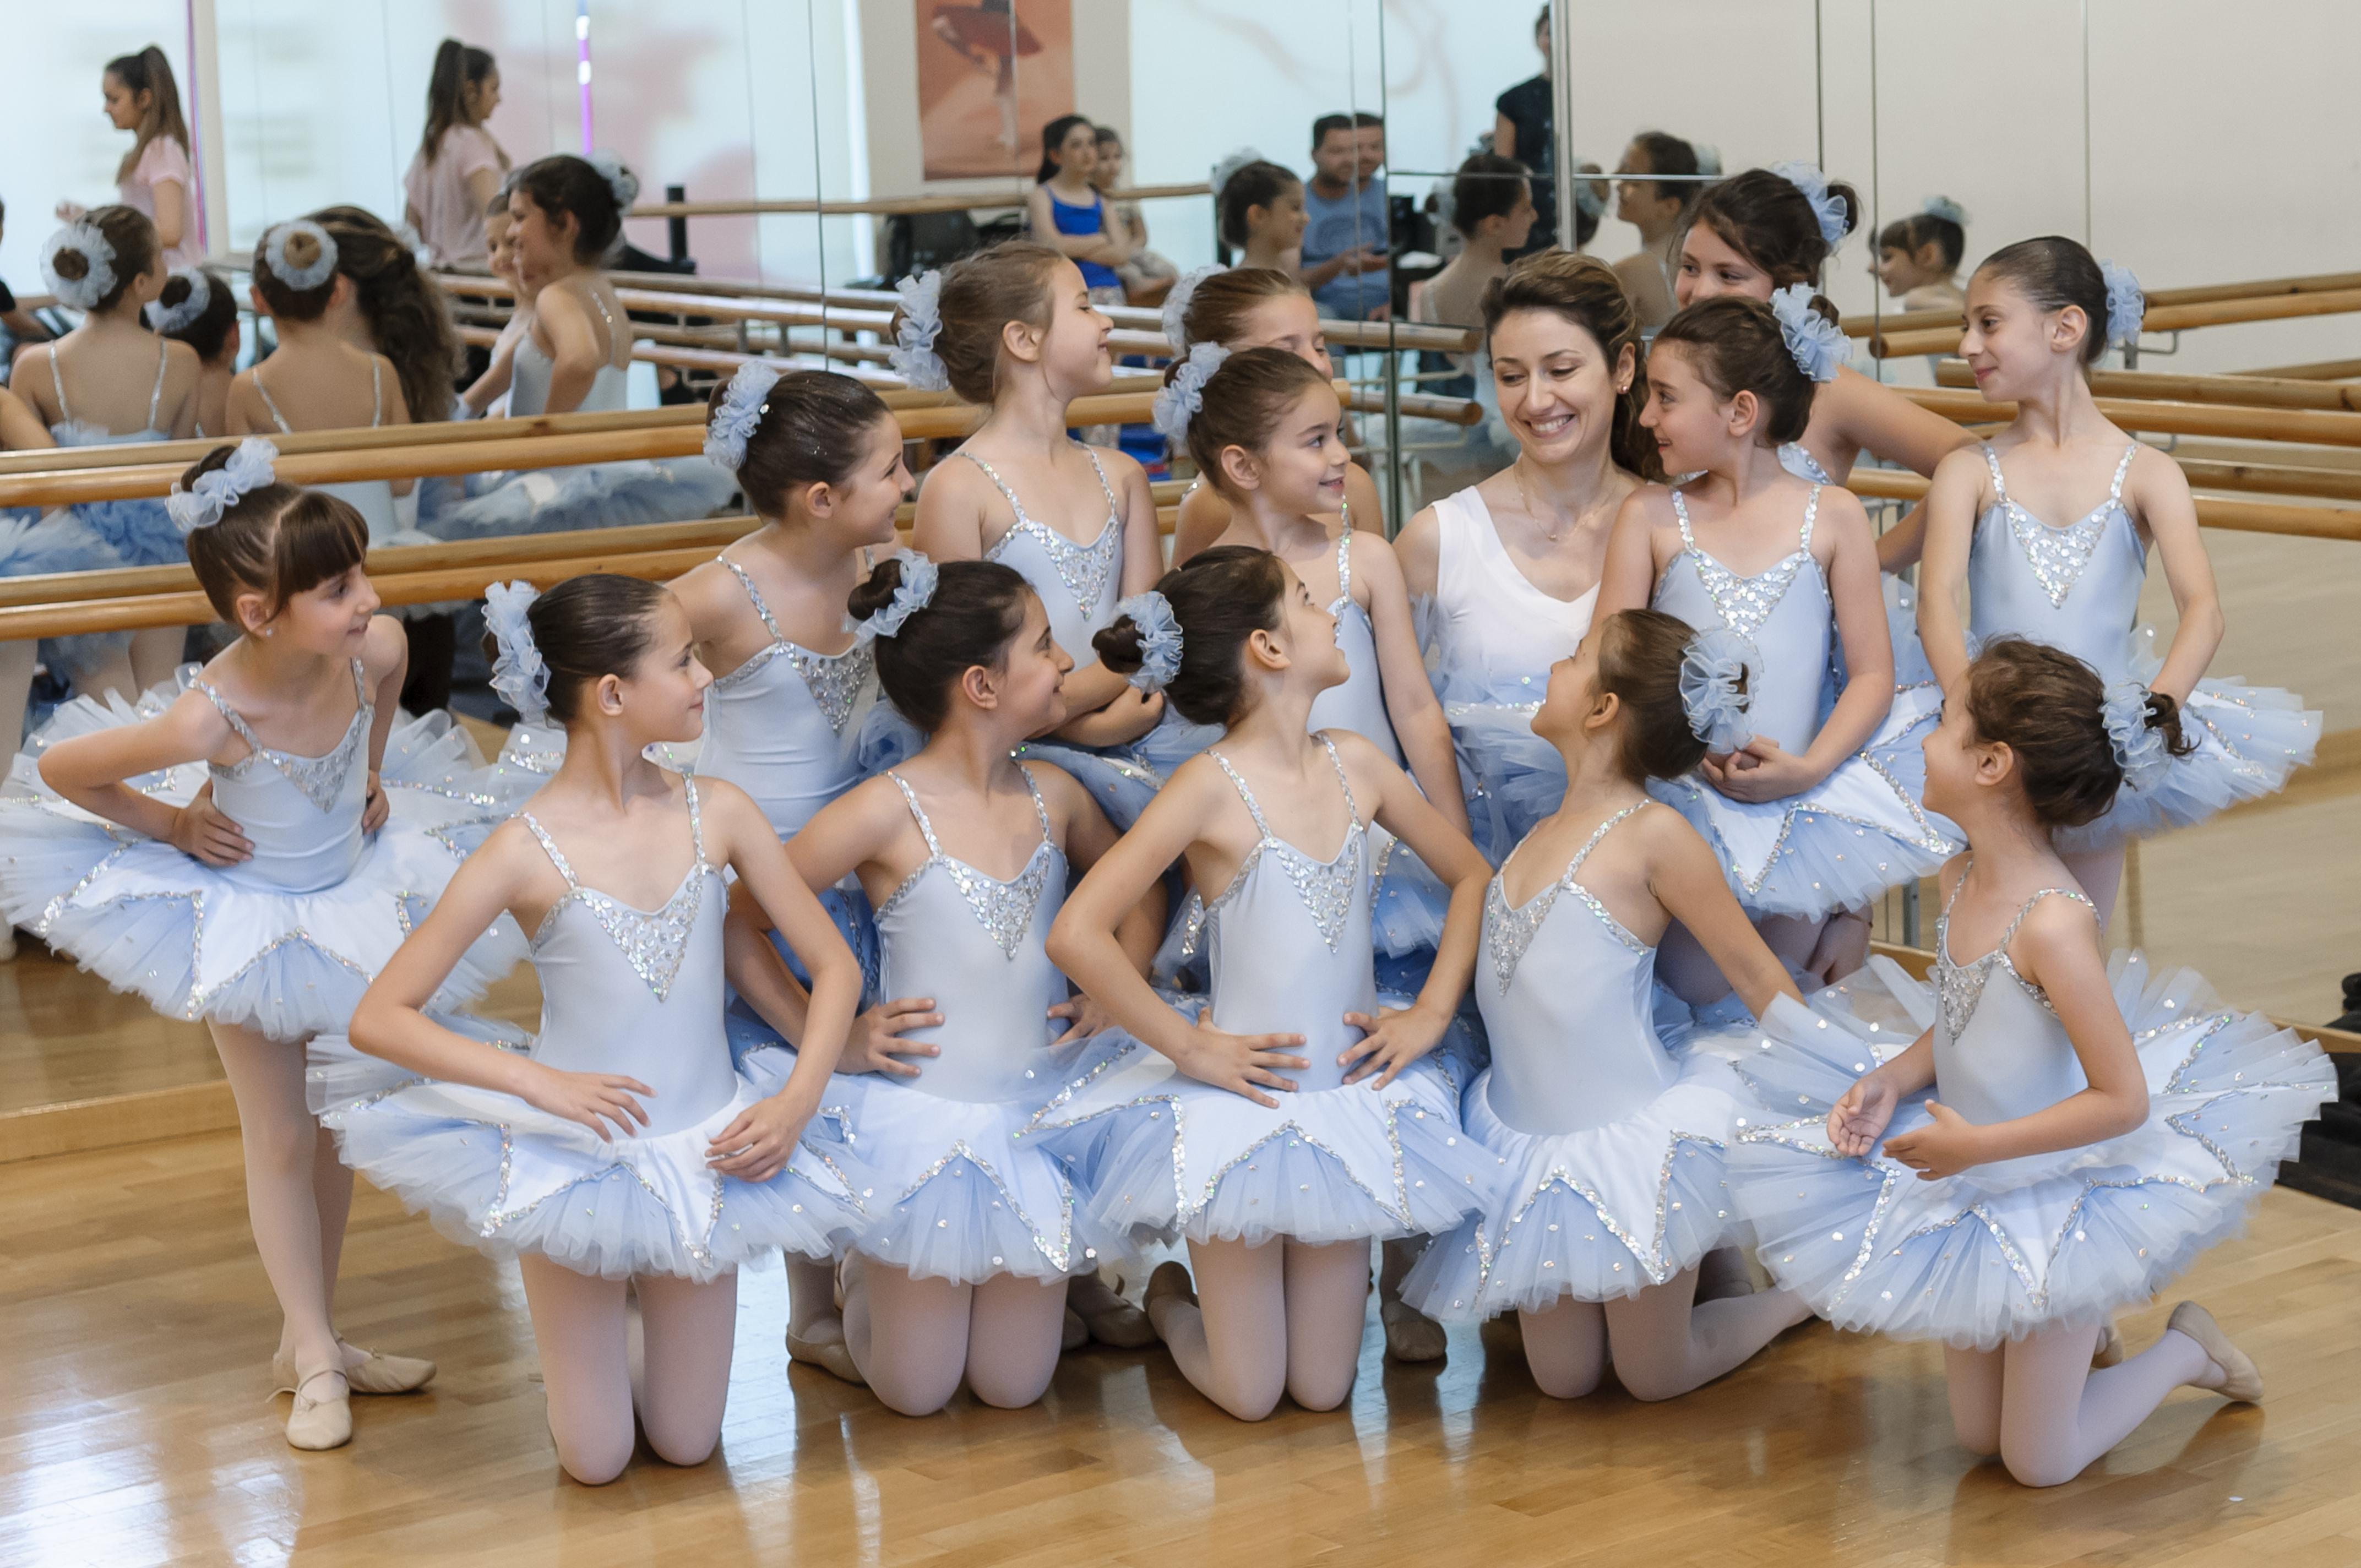 Σχολή χορού 'Ολγα Χριστοφορίδου